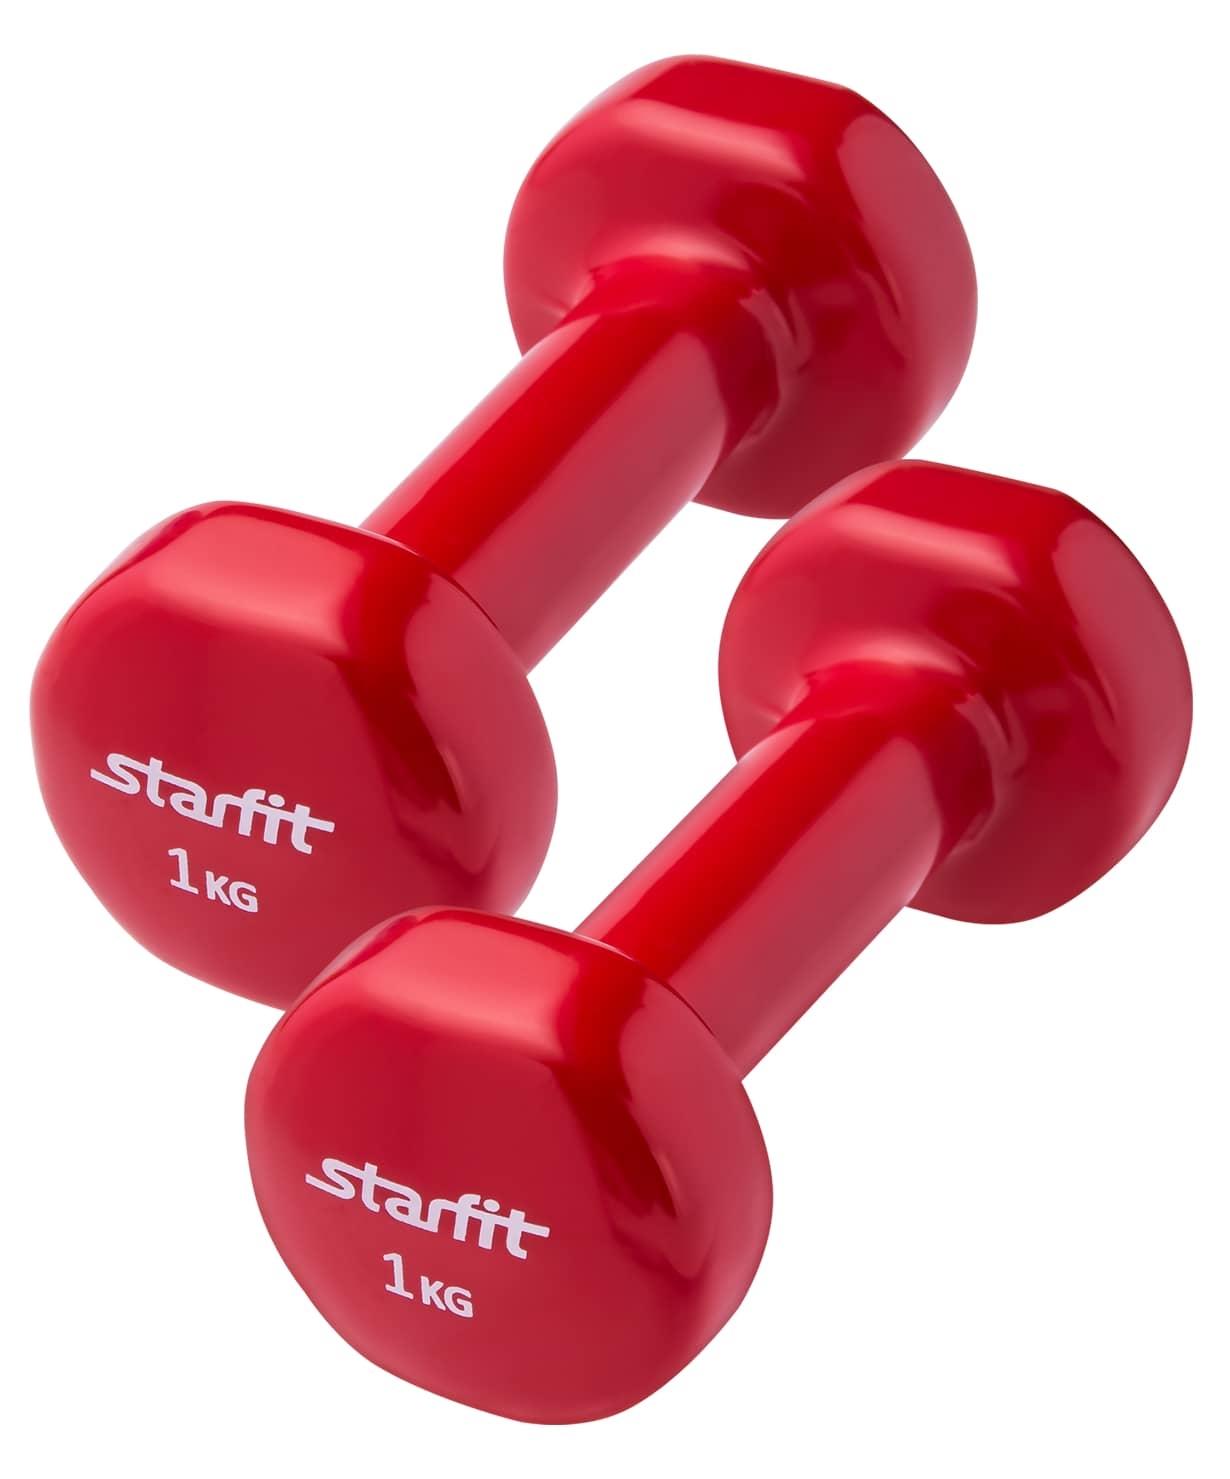 Гантель виниловая, комплект STARFIT DB-101 1 кг, красный, 2 шт